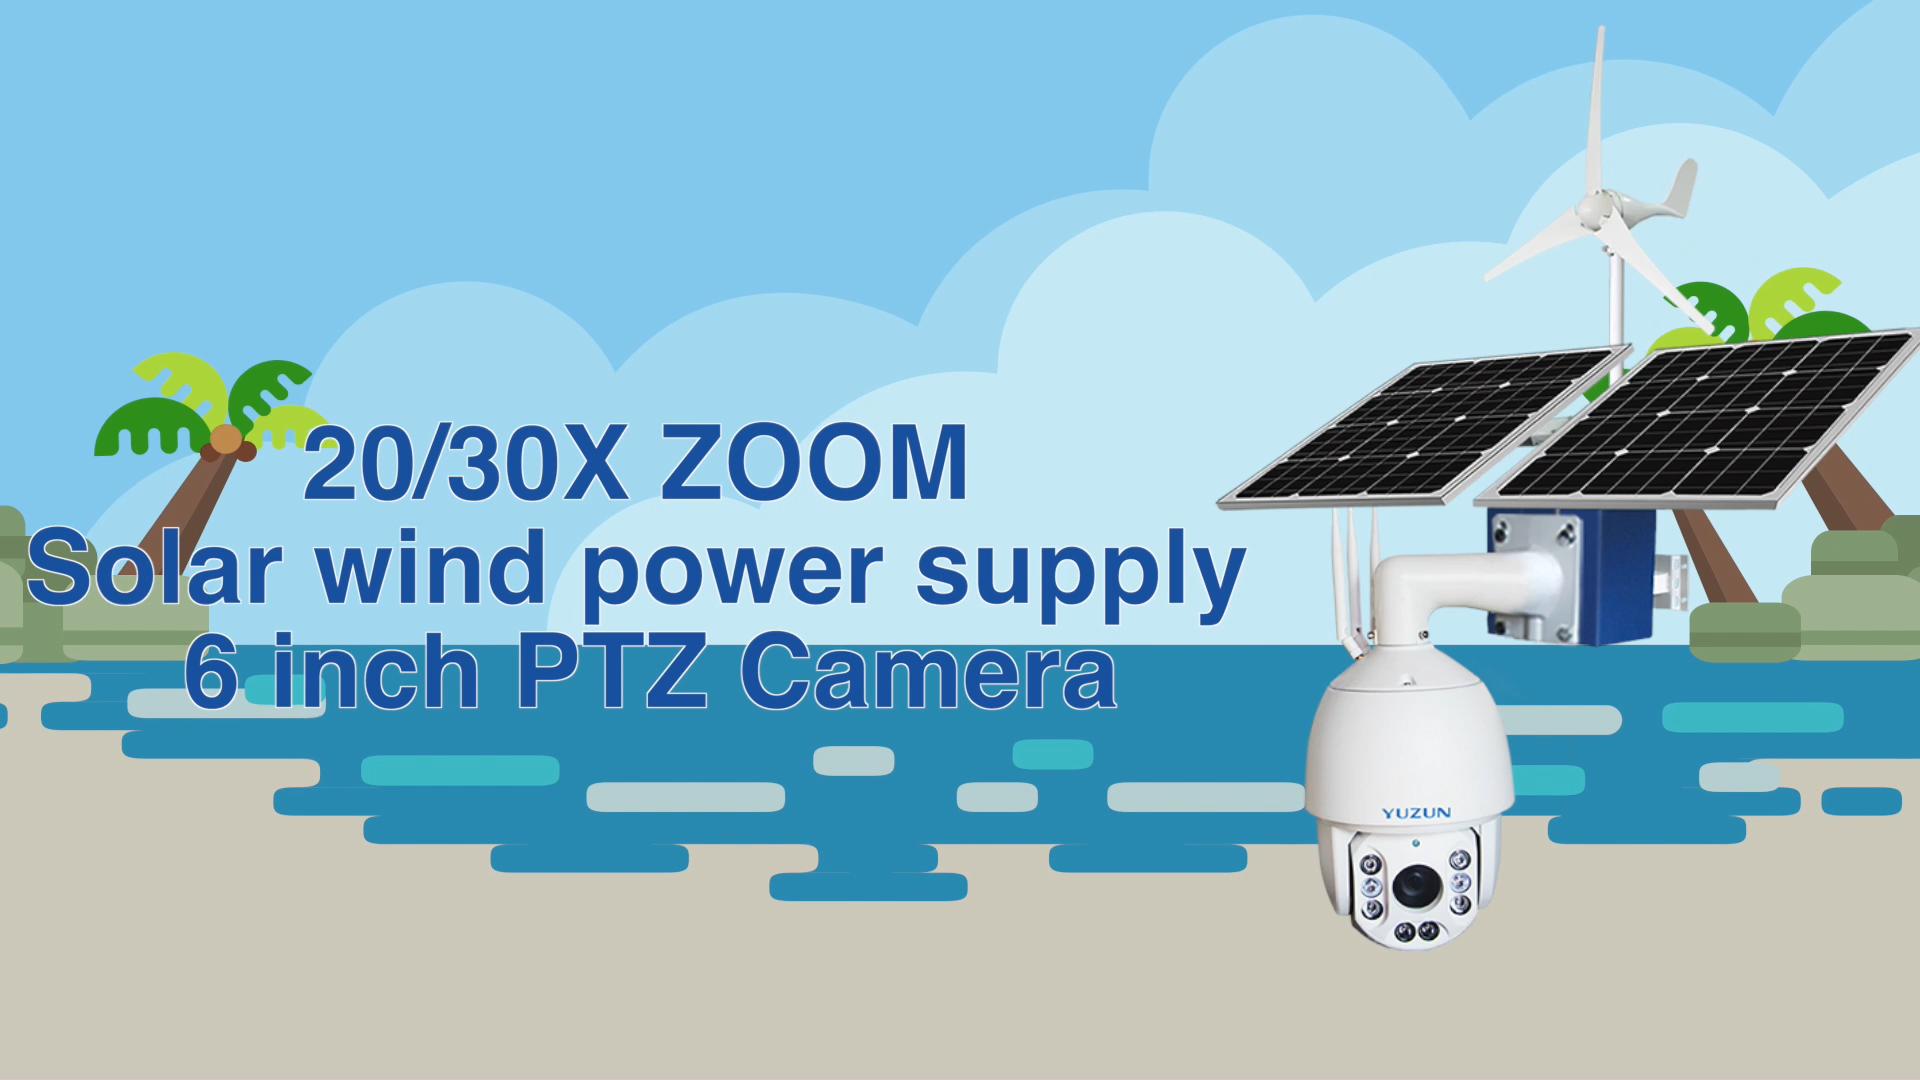 5mp20x لاسلكية نظام مراقبة الأمن AI humanoid الاعتراف 2mp 30x في الهواء الطلق الطاقة الشمسية طاقة الرياح 4g PTZ 360 درجة HD كاميرا